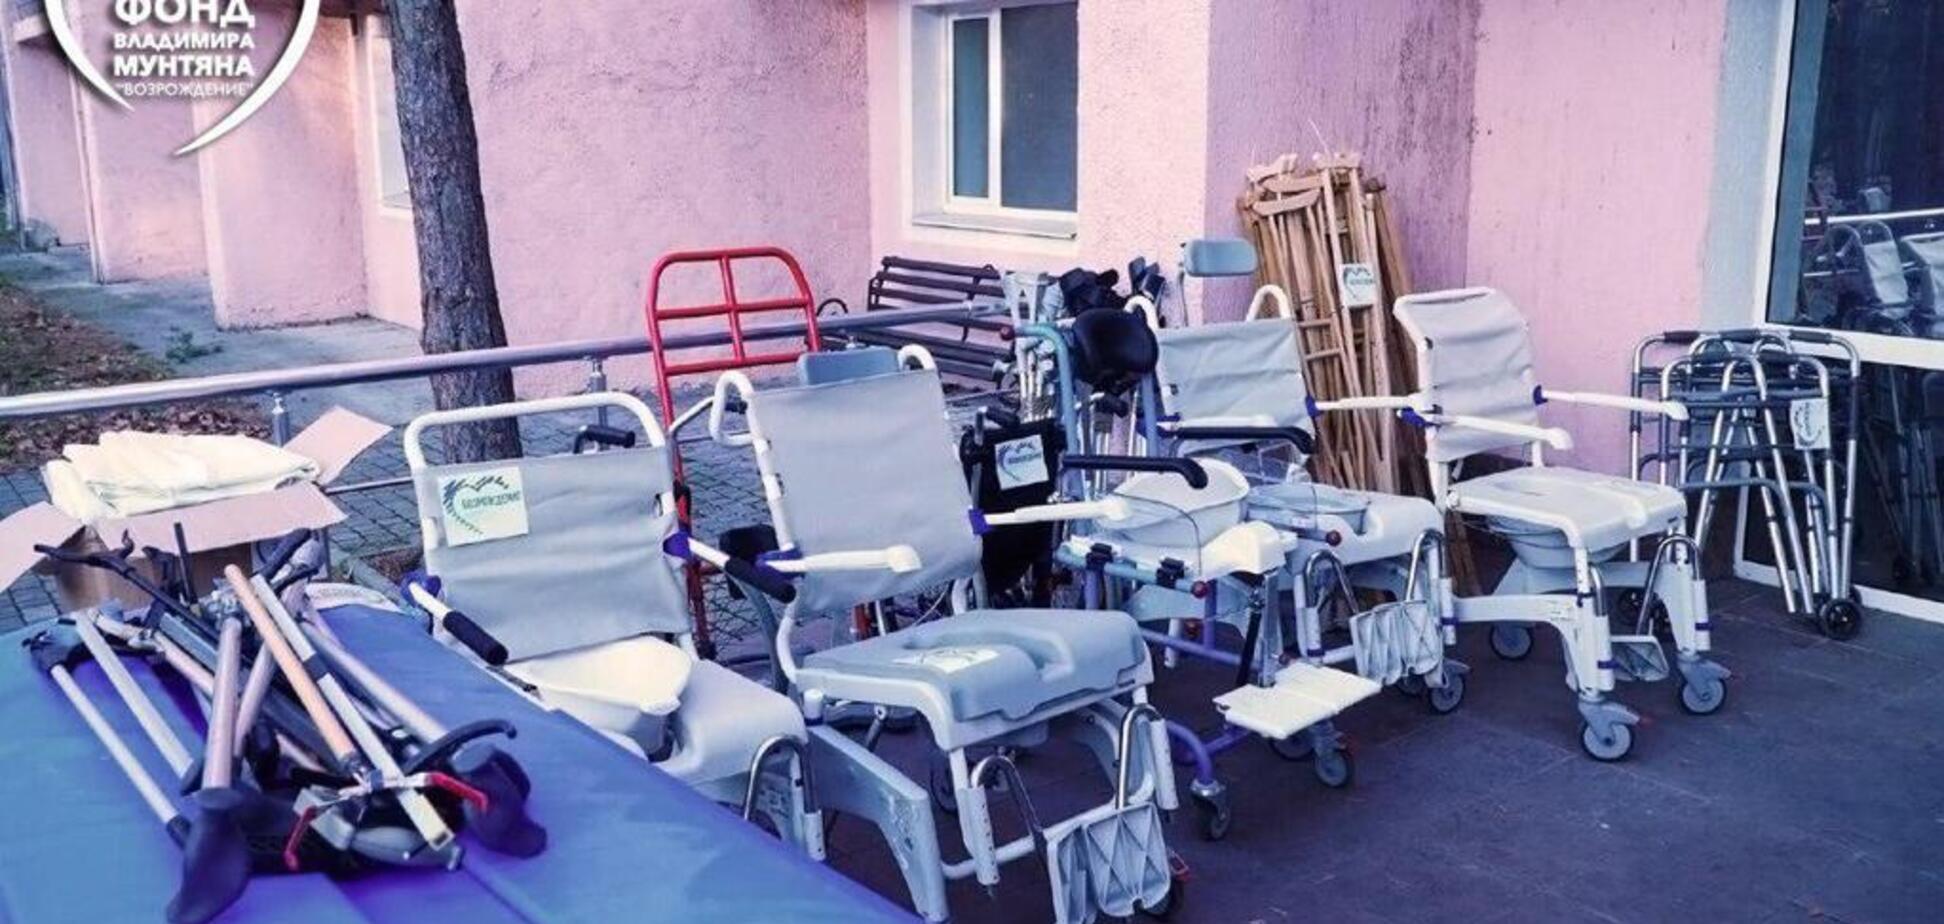 Благотворительный фонд Мунтяна оказал гуманитарную помощь киевскому дому-интернату для детей с инвалидностью